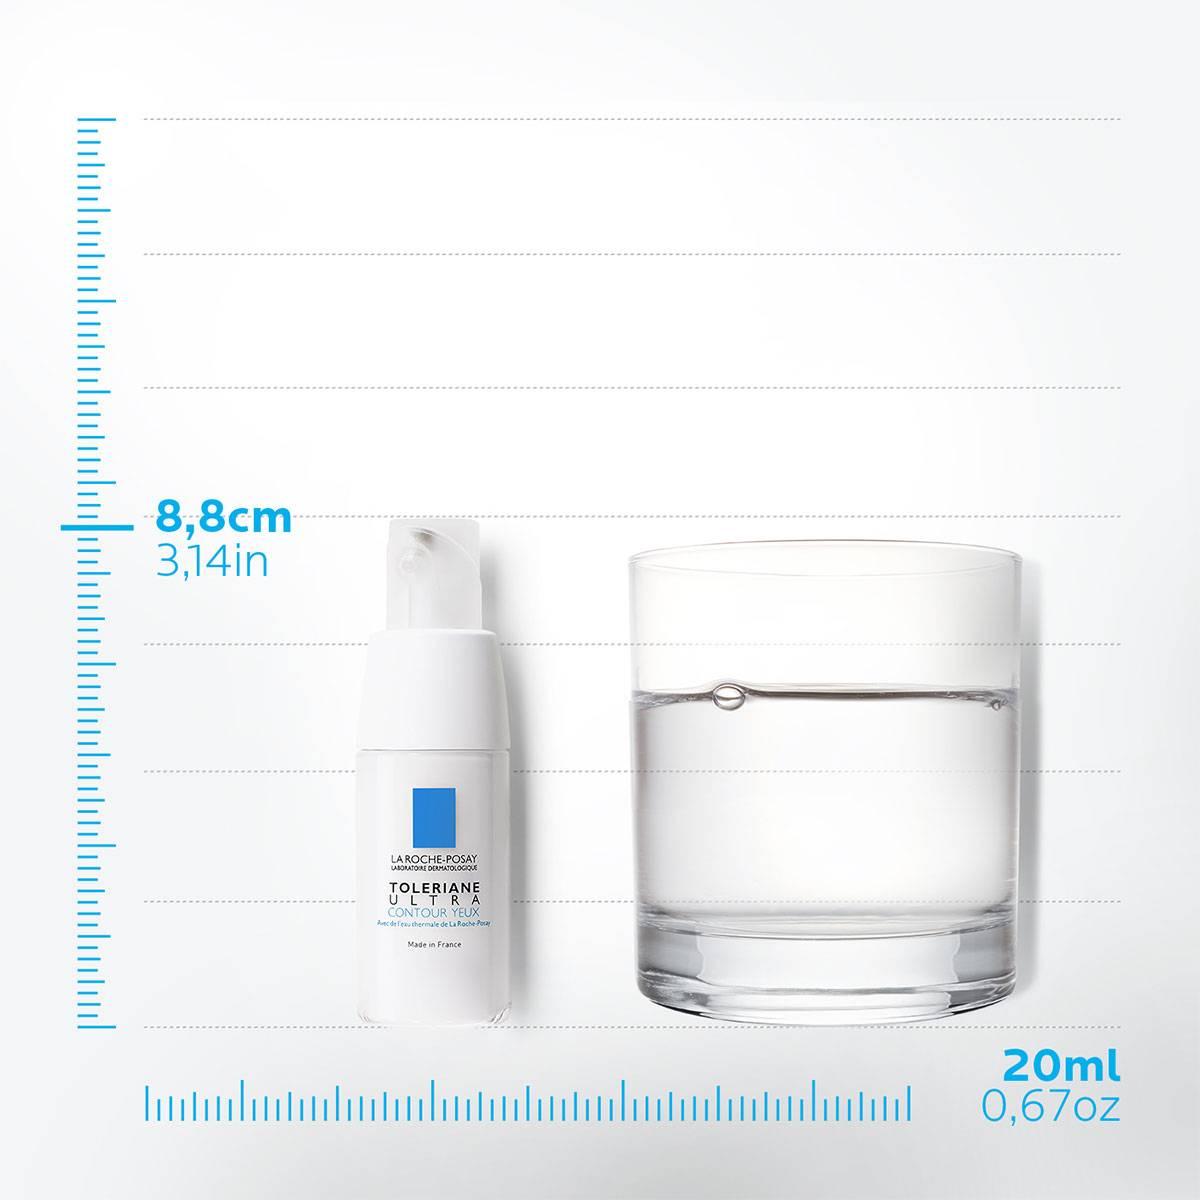 La Roche Posay Termékoldal Toleriane Ultra Szemkörnyékápoló 20ml 3337872419